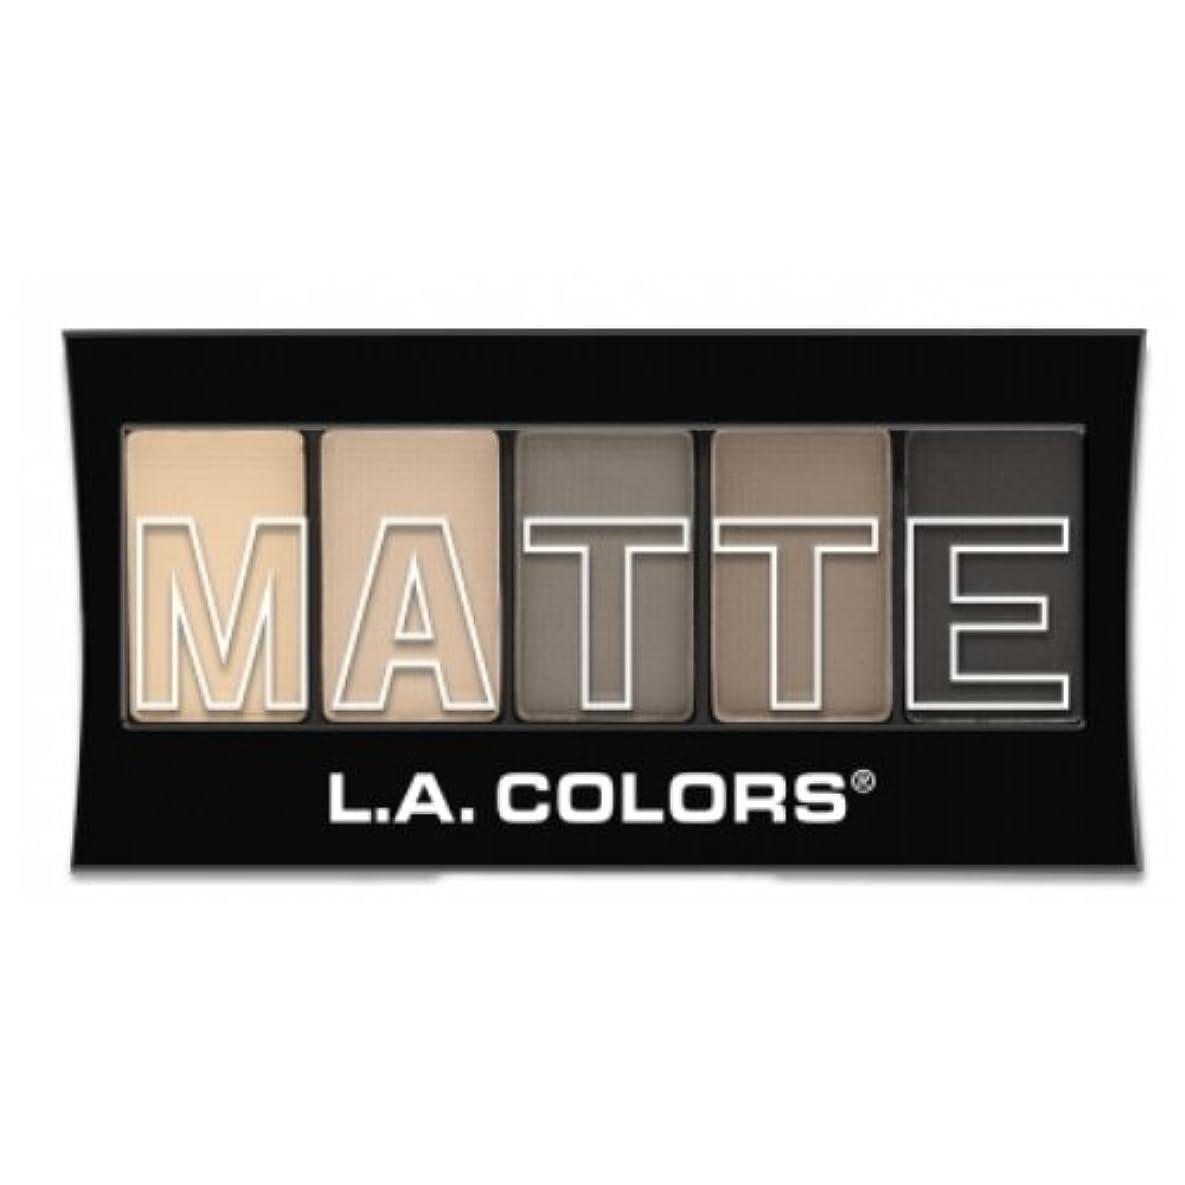 神学校実験眠る(3 Pack) L.A. Colors Matte Eyeshadow - Nude Suede (並行輸入品)